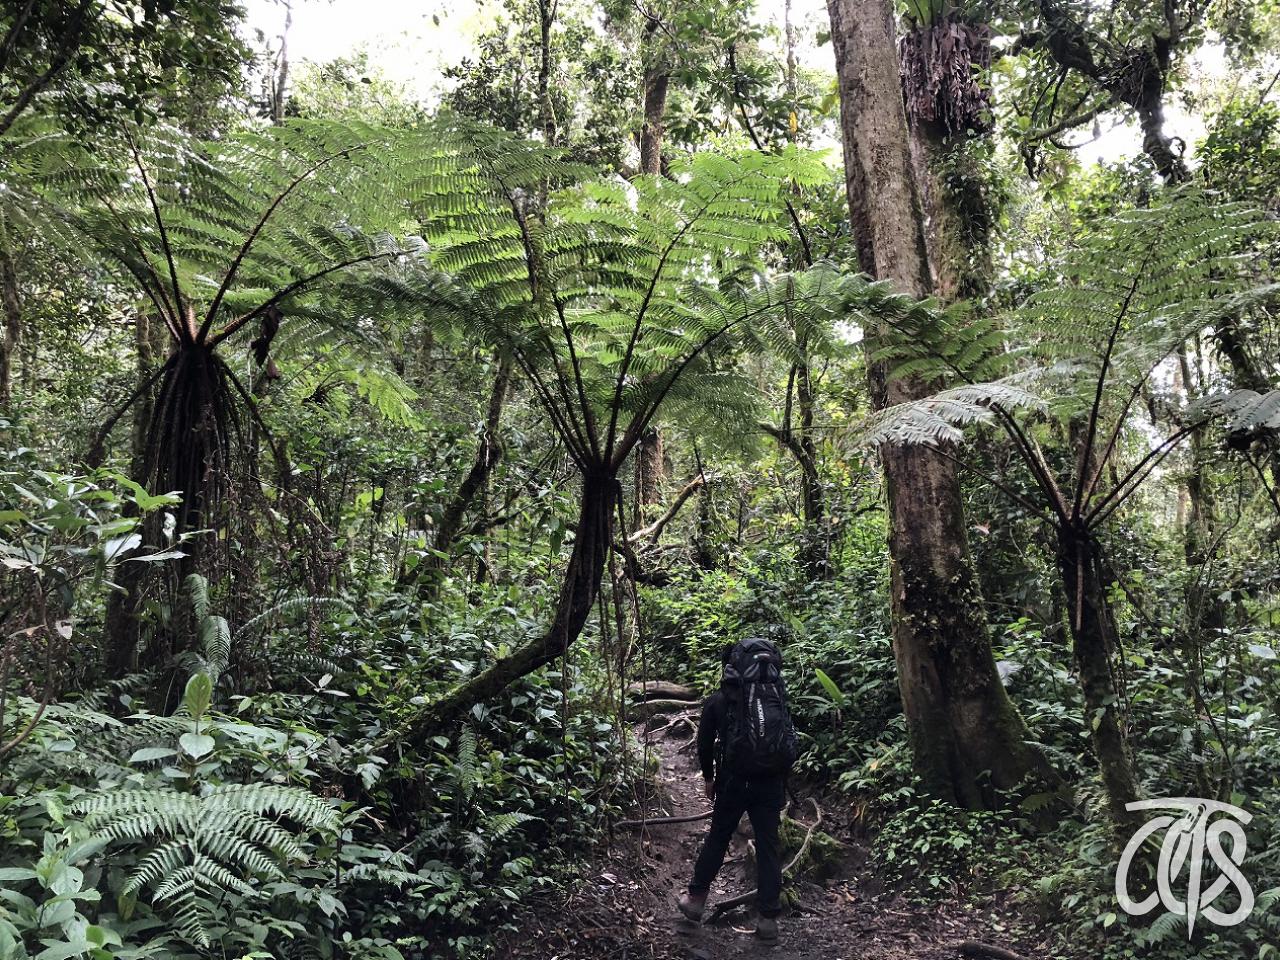 植生豊かな熱帯雨林を歩く